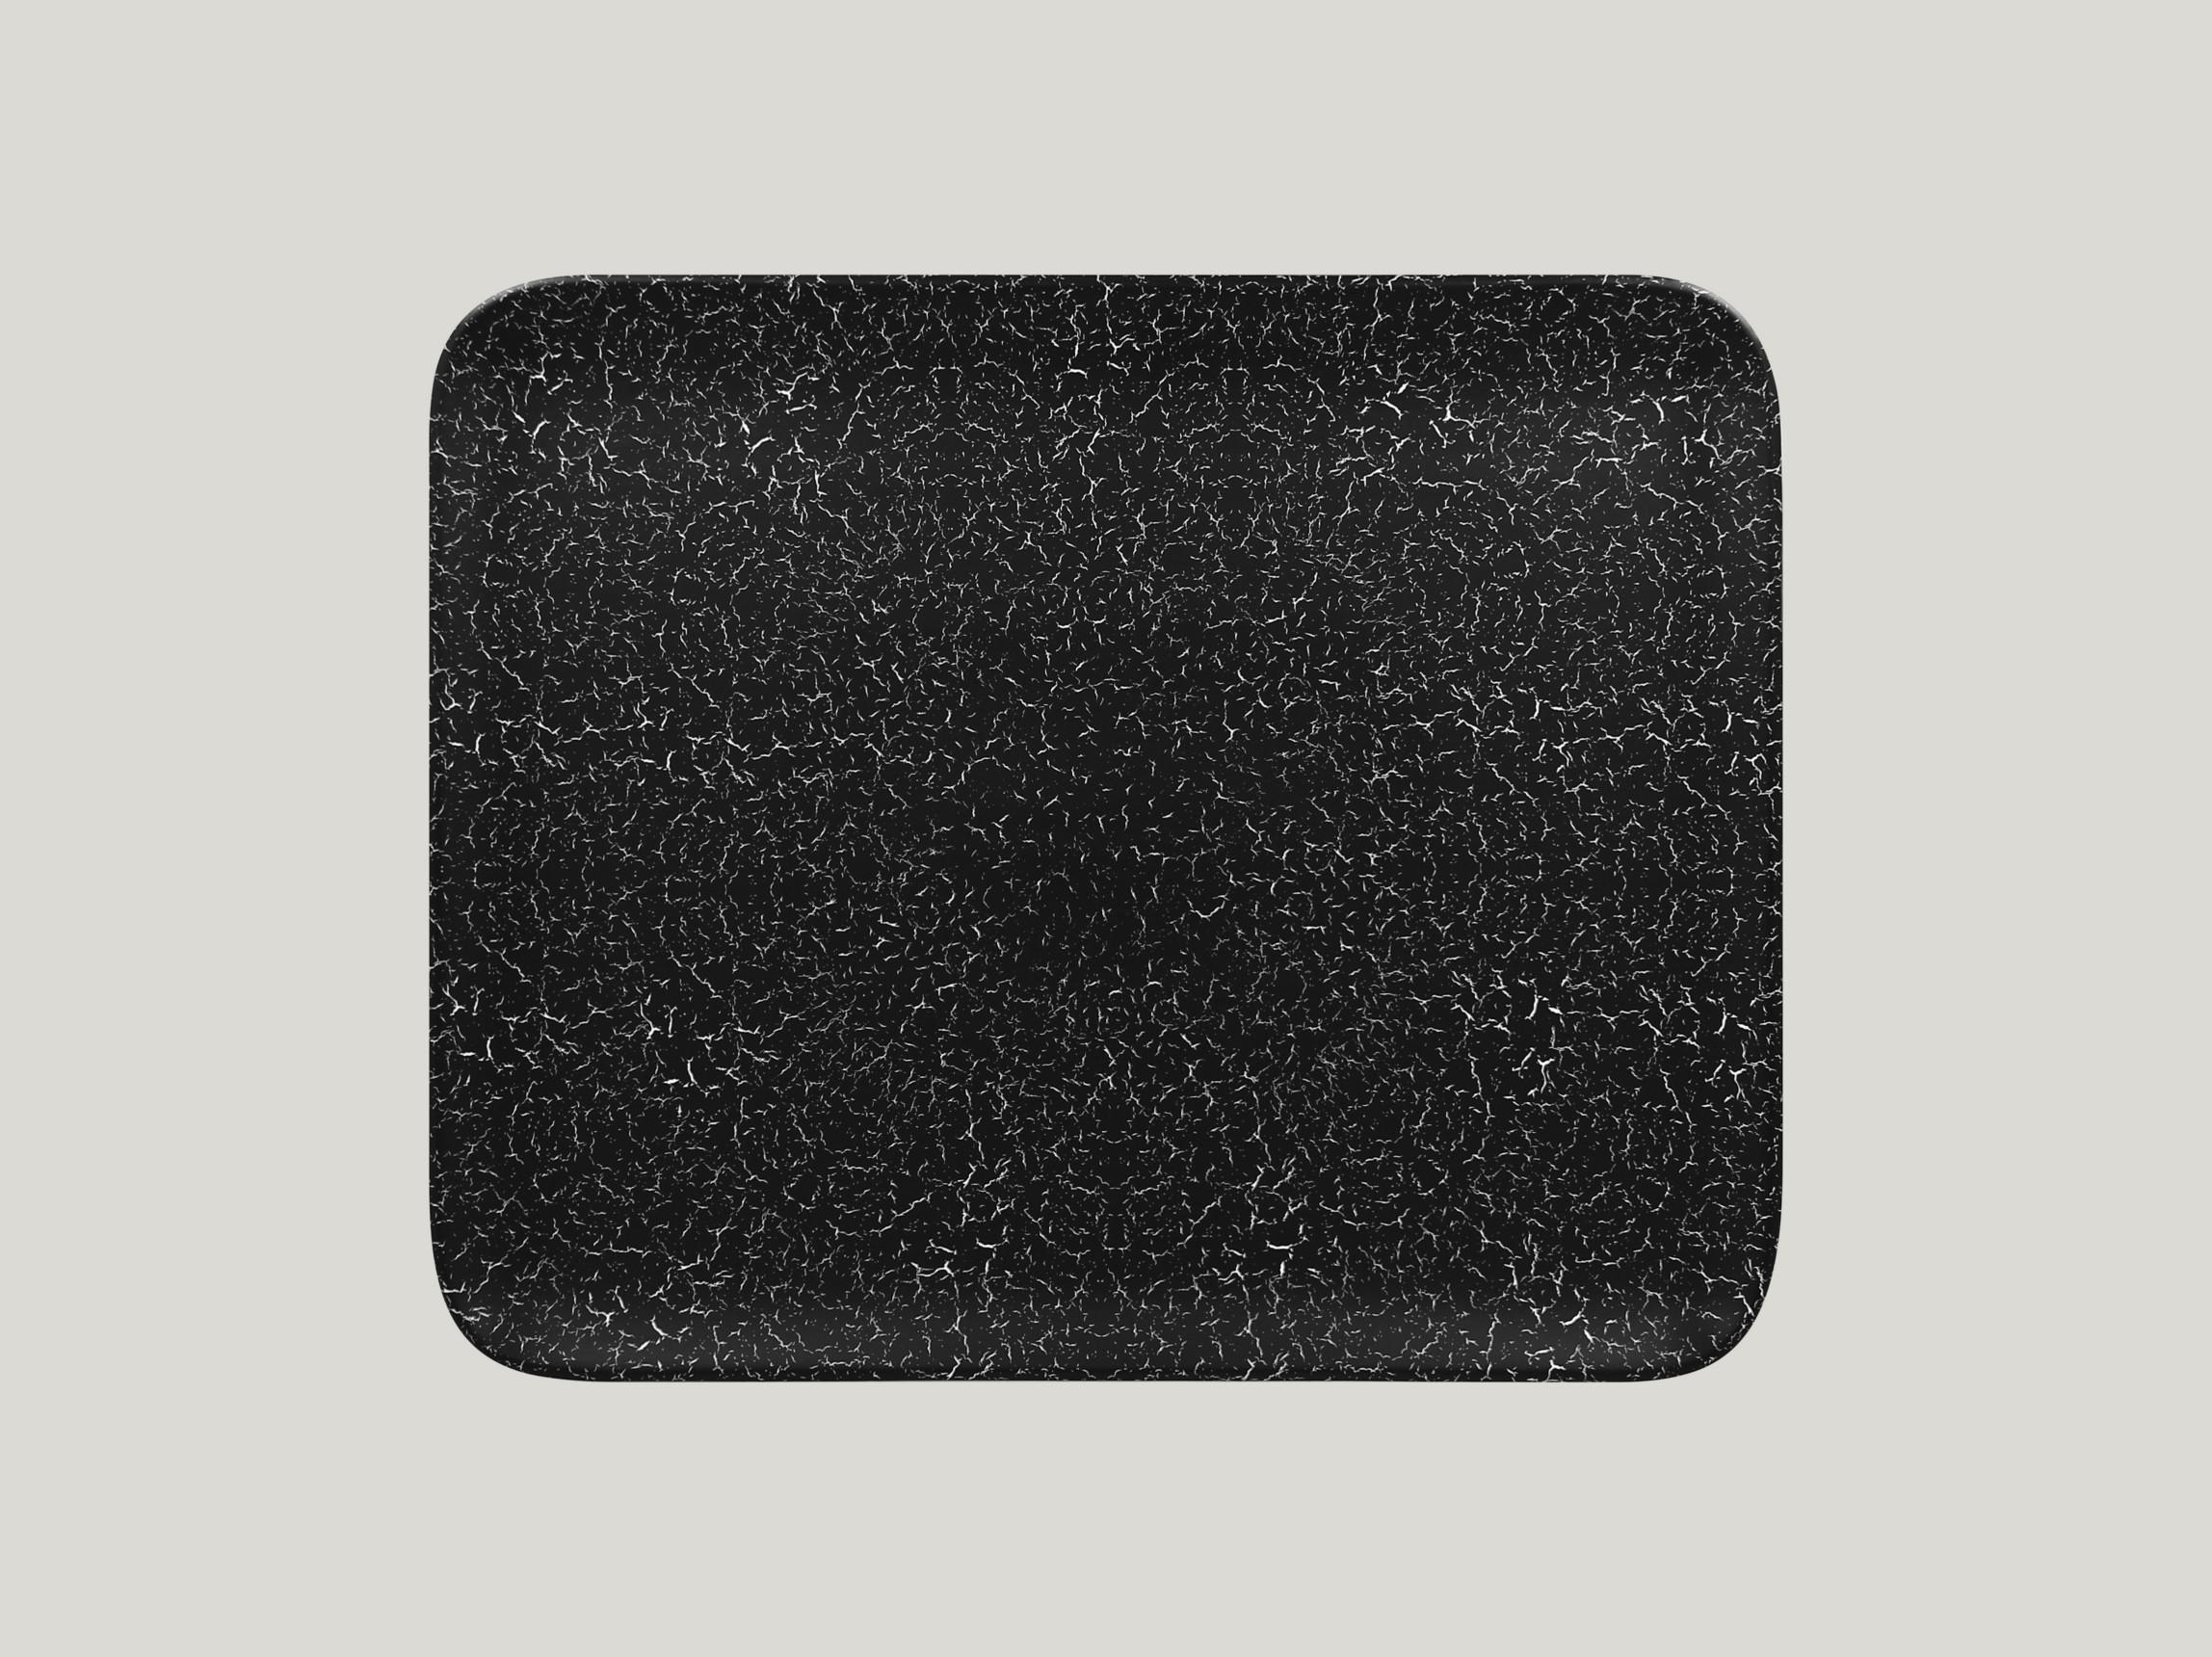 Talíř obdélníkový 33 x 27 cm - černá